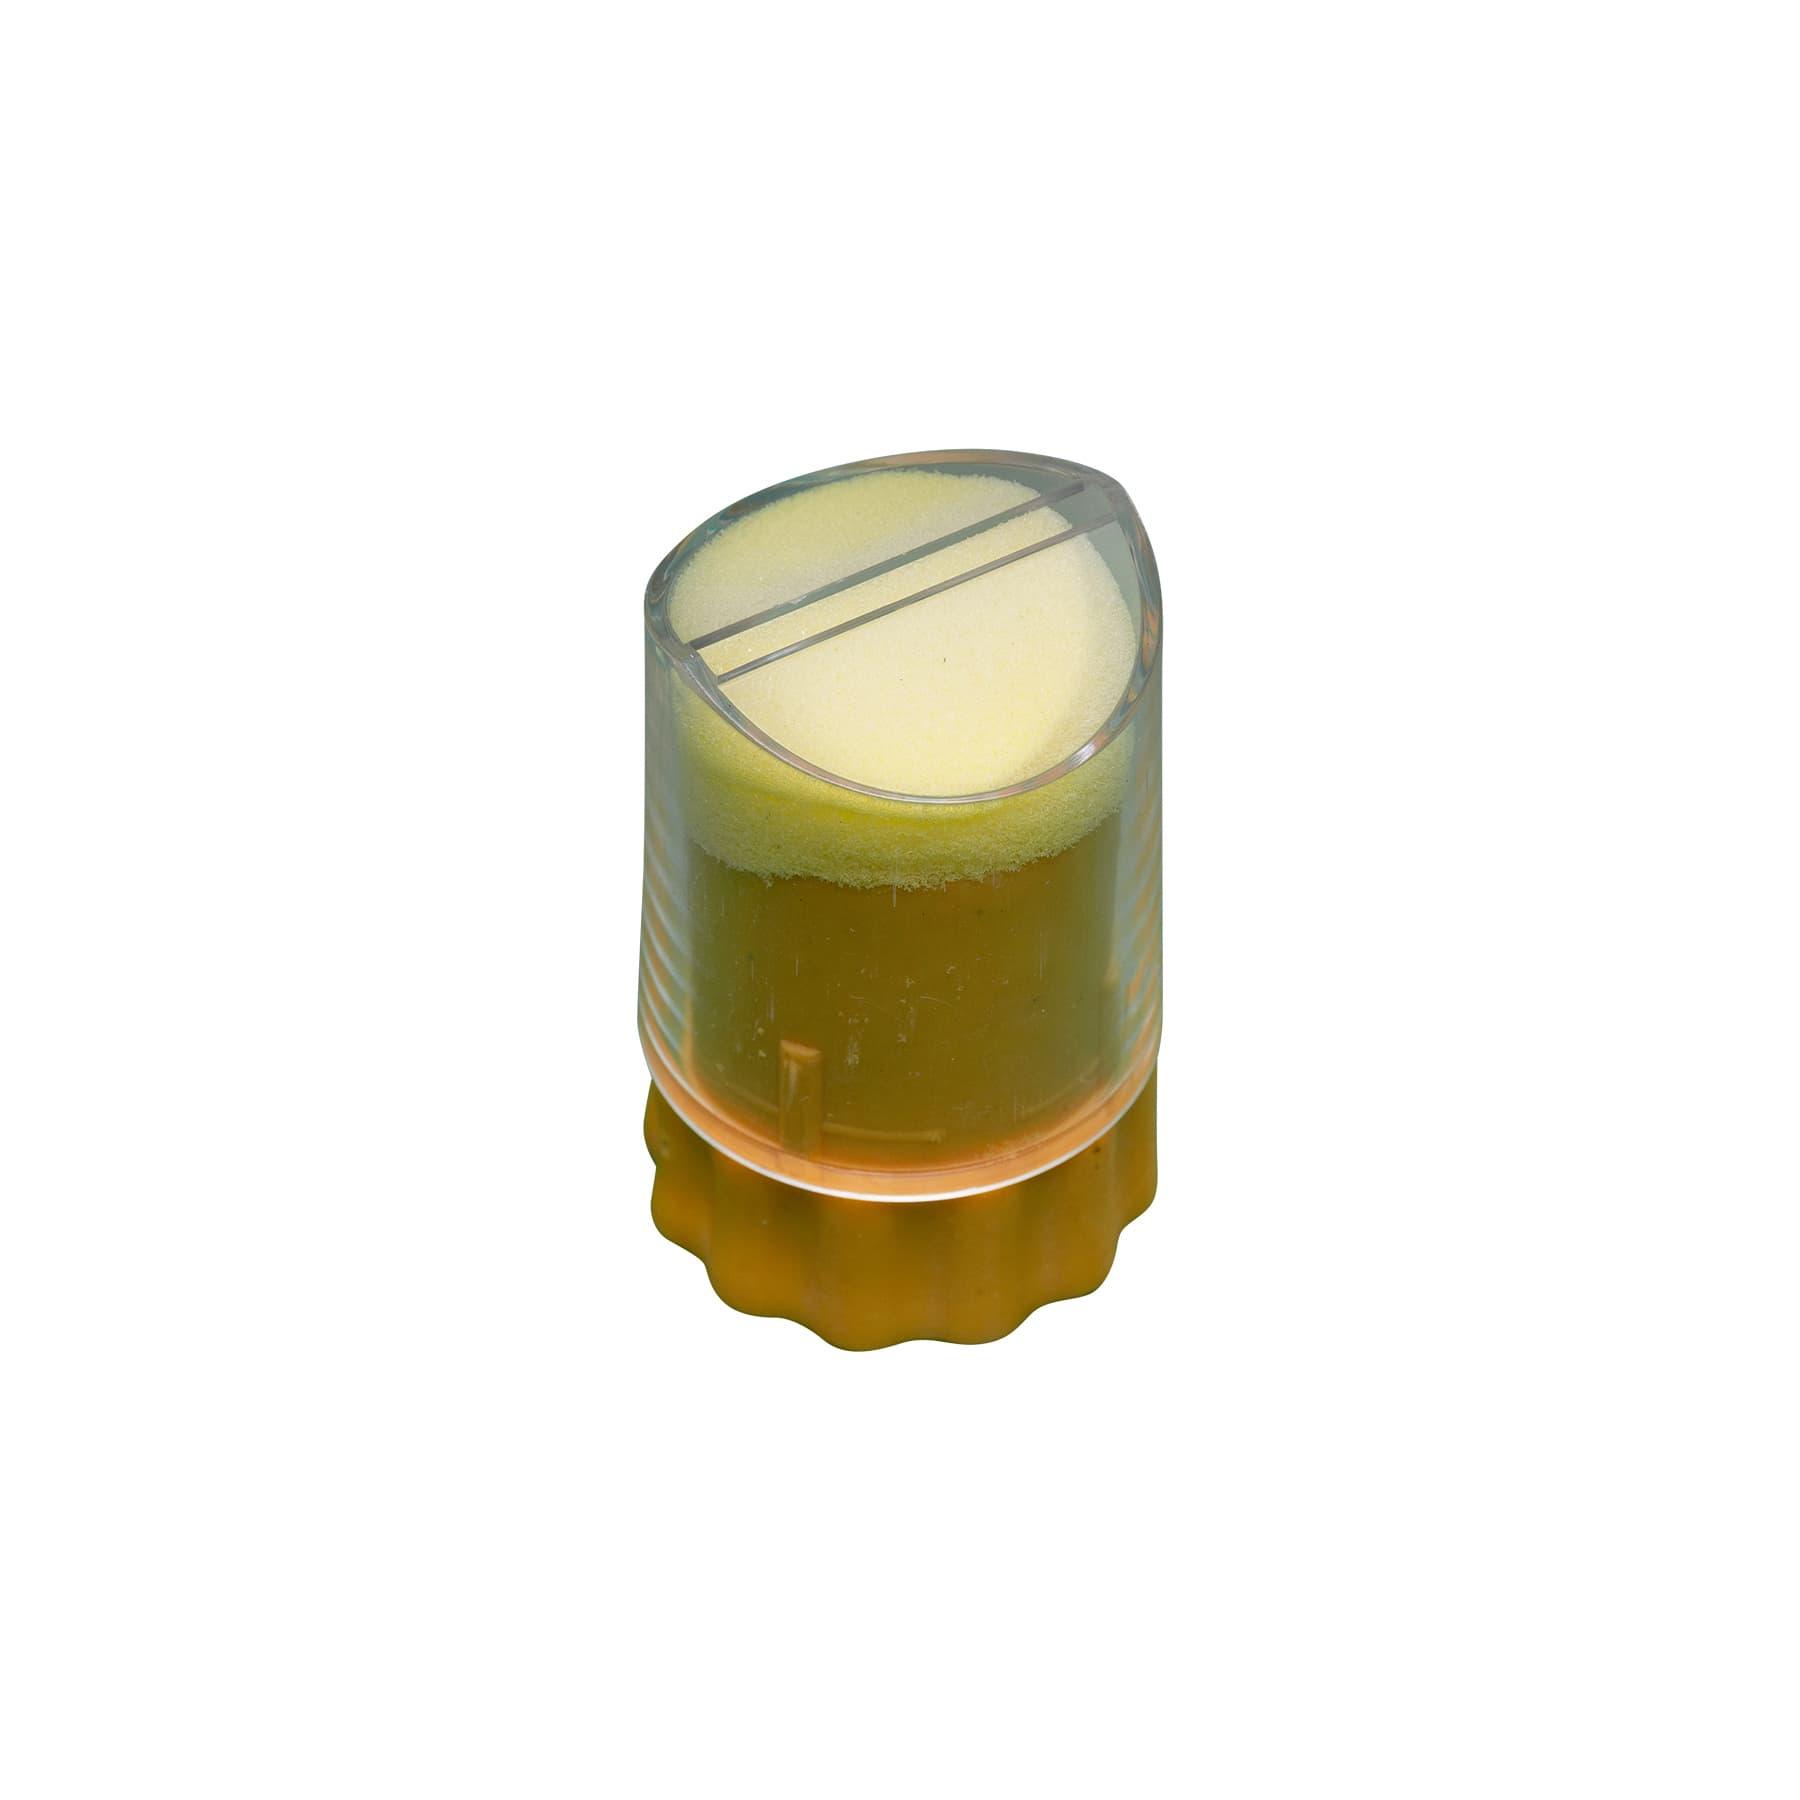 Zeichengerät mit Schiebestange, ohne Gewinde, ganz in gelb